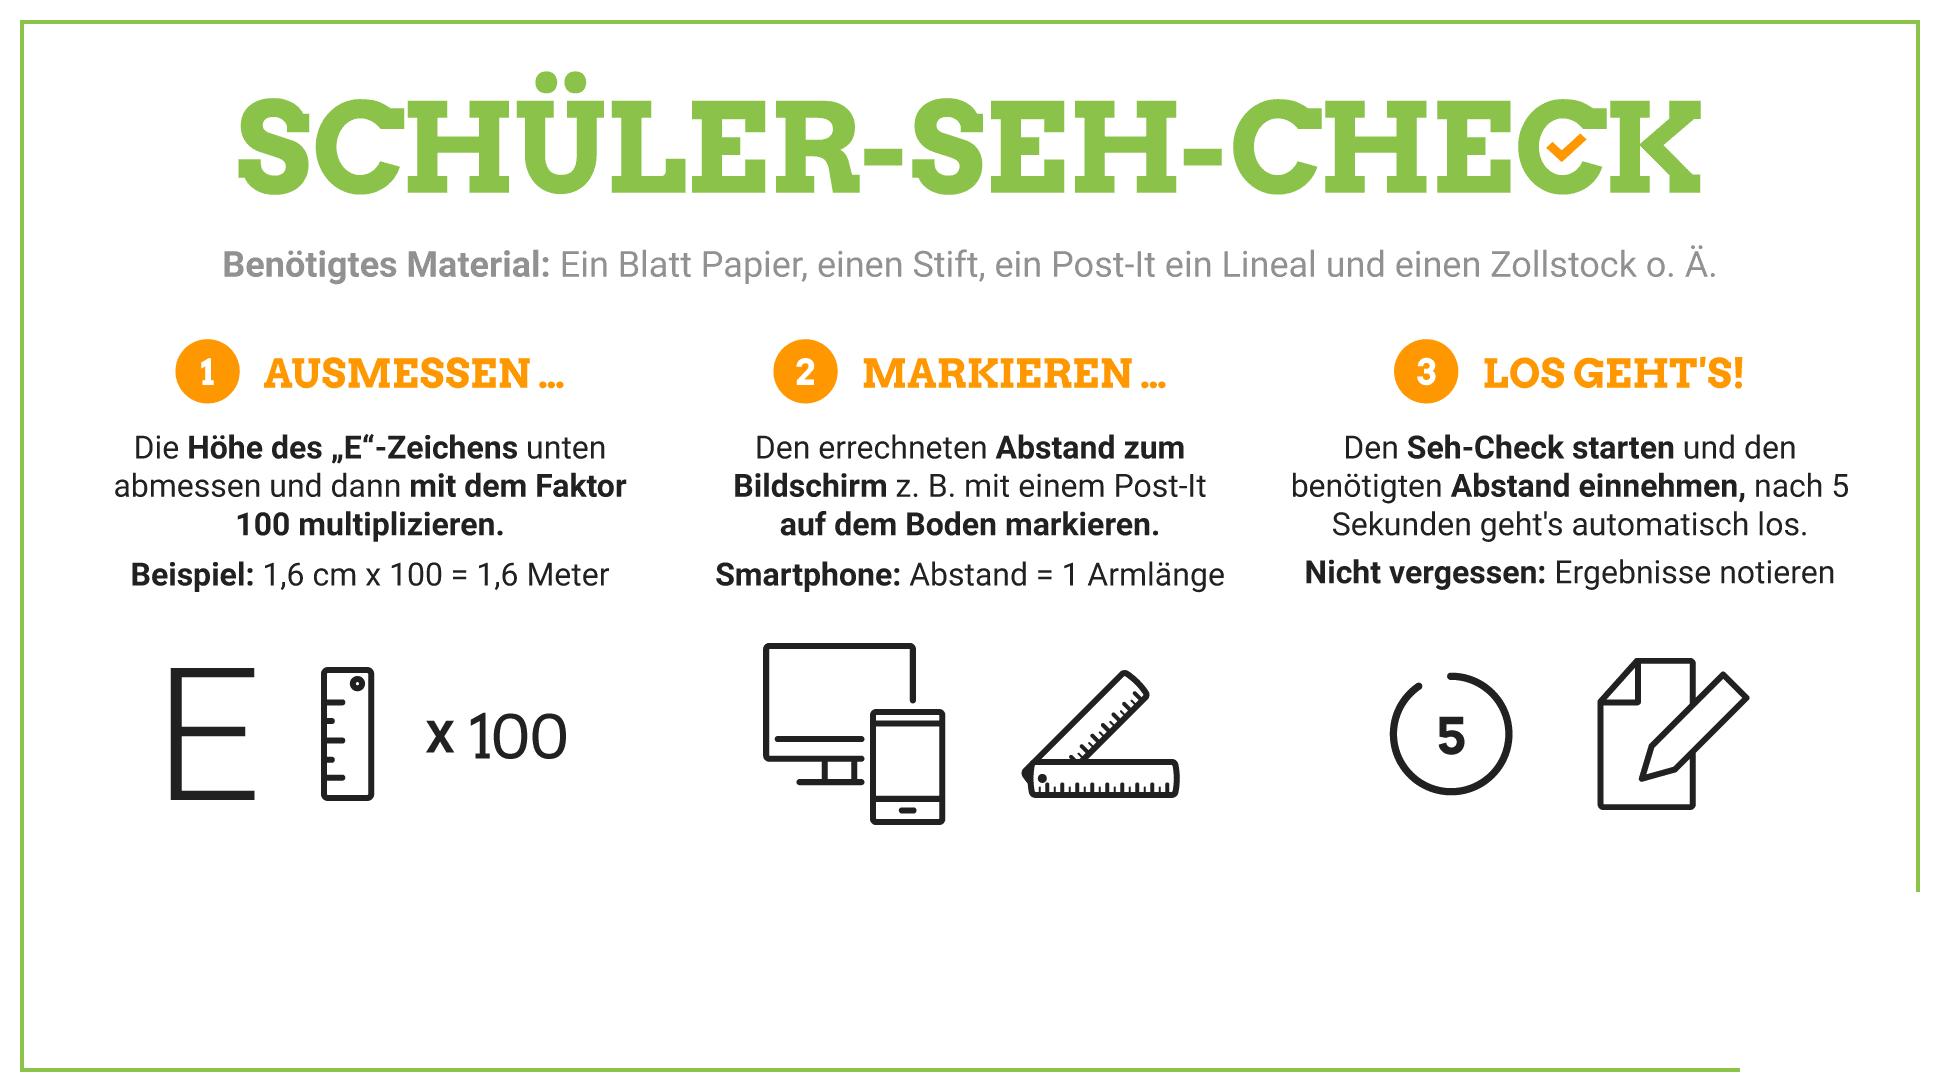 01 Schueler-Seh-Check 01